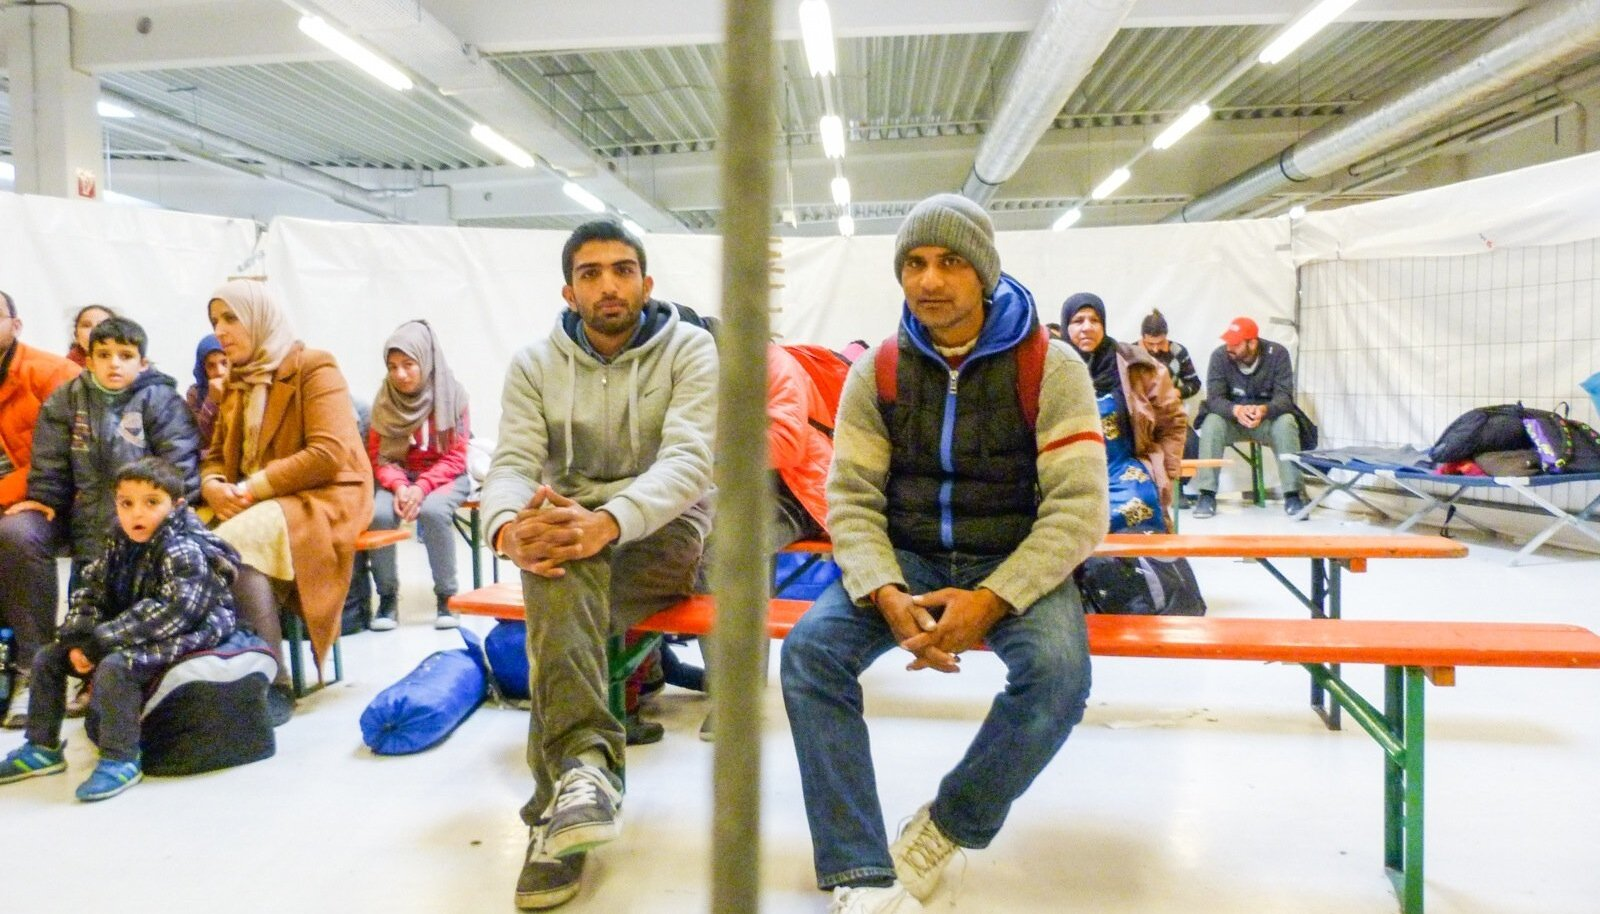 Põgenikud Saksa-Austra piiril